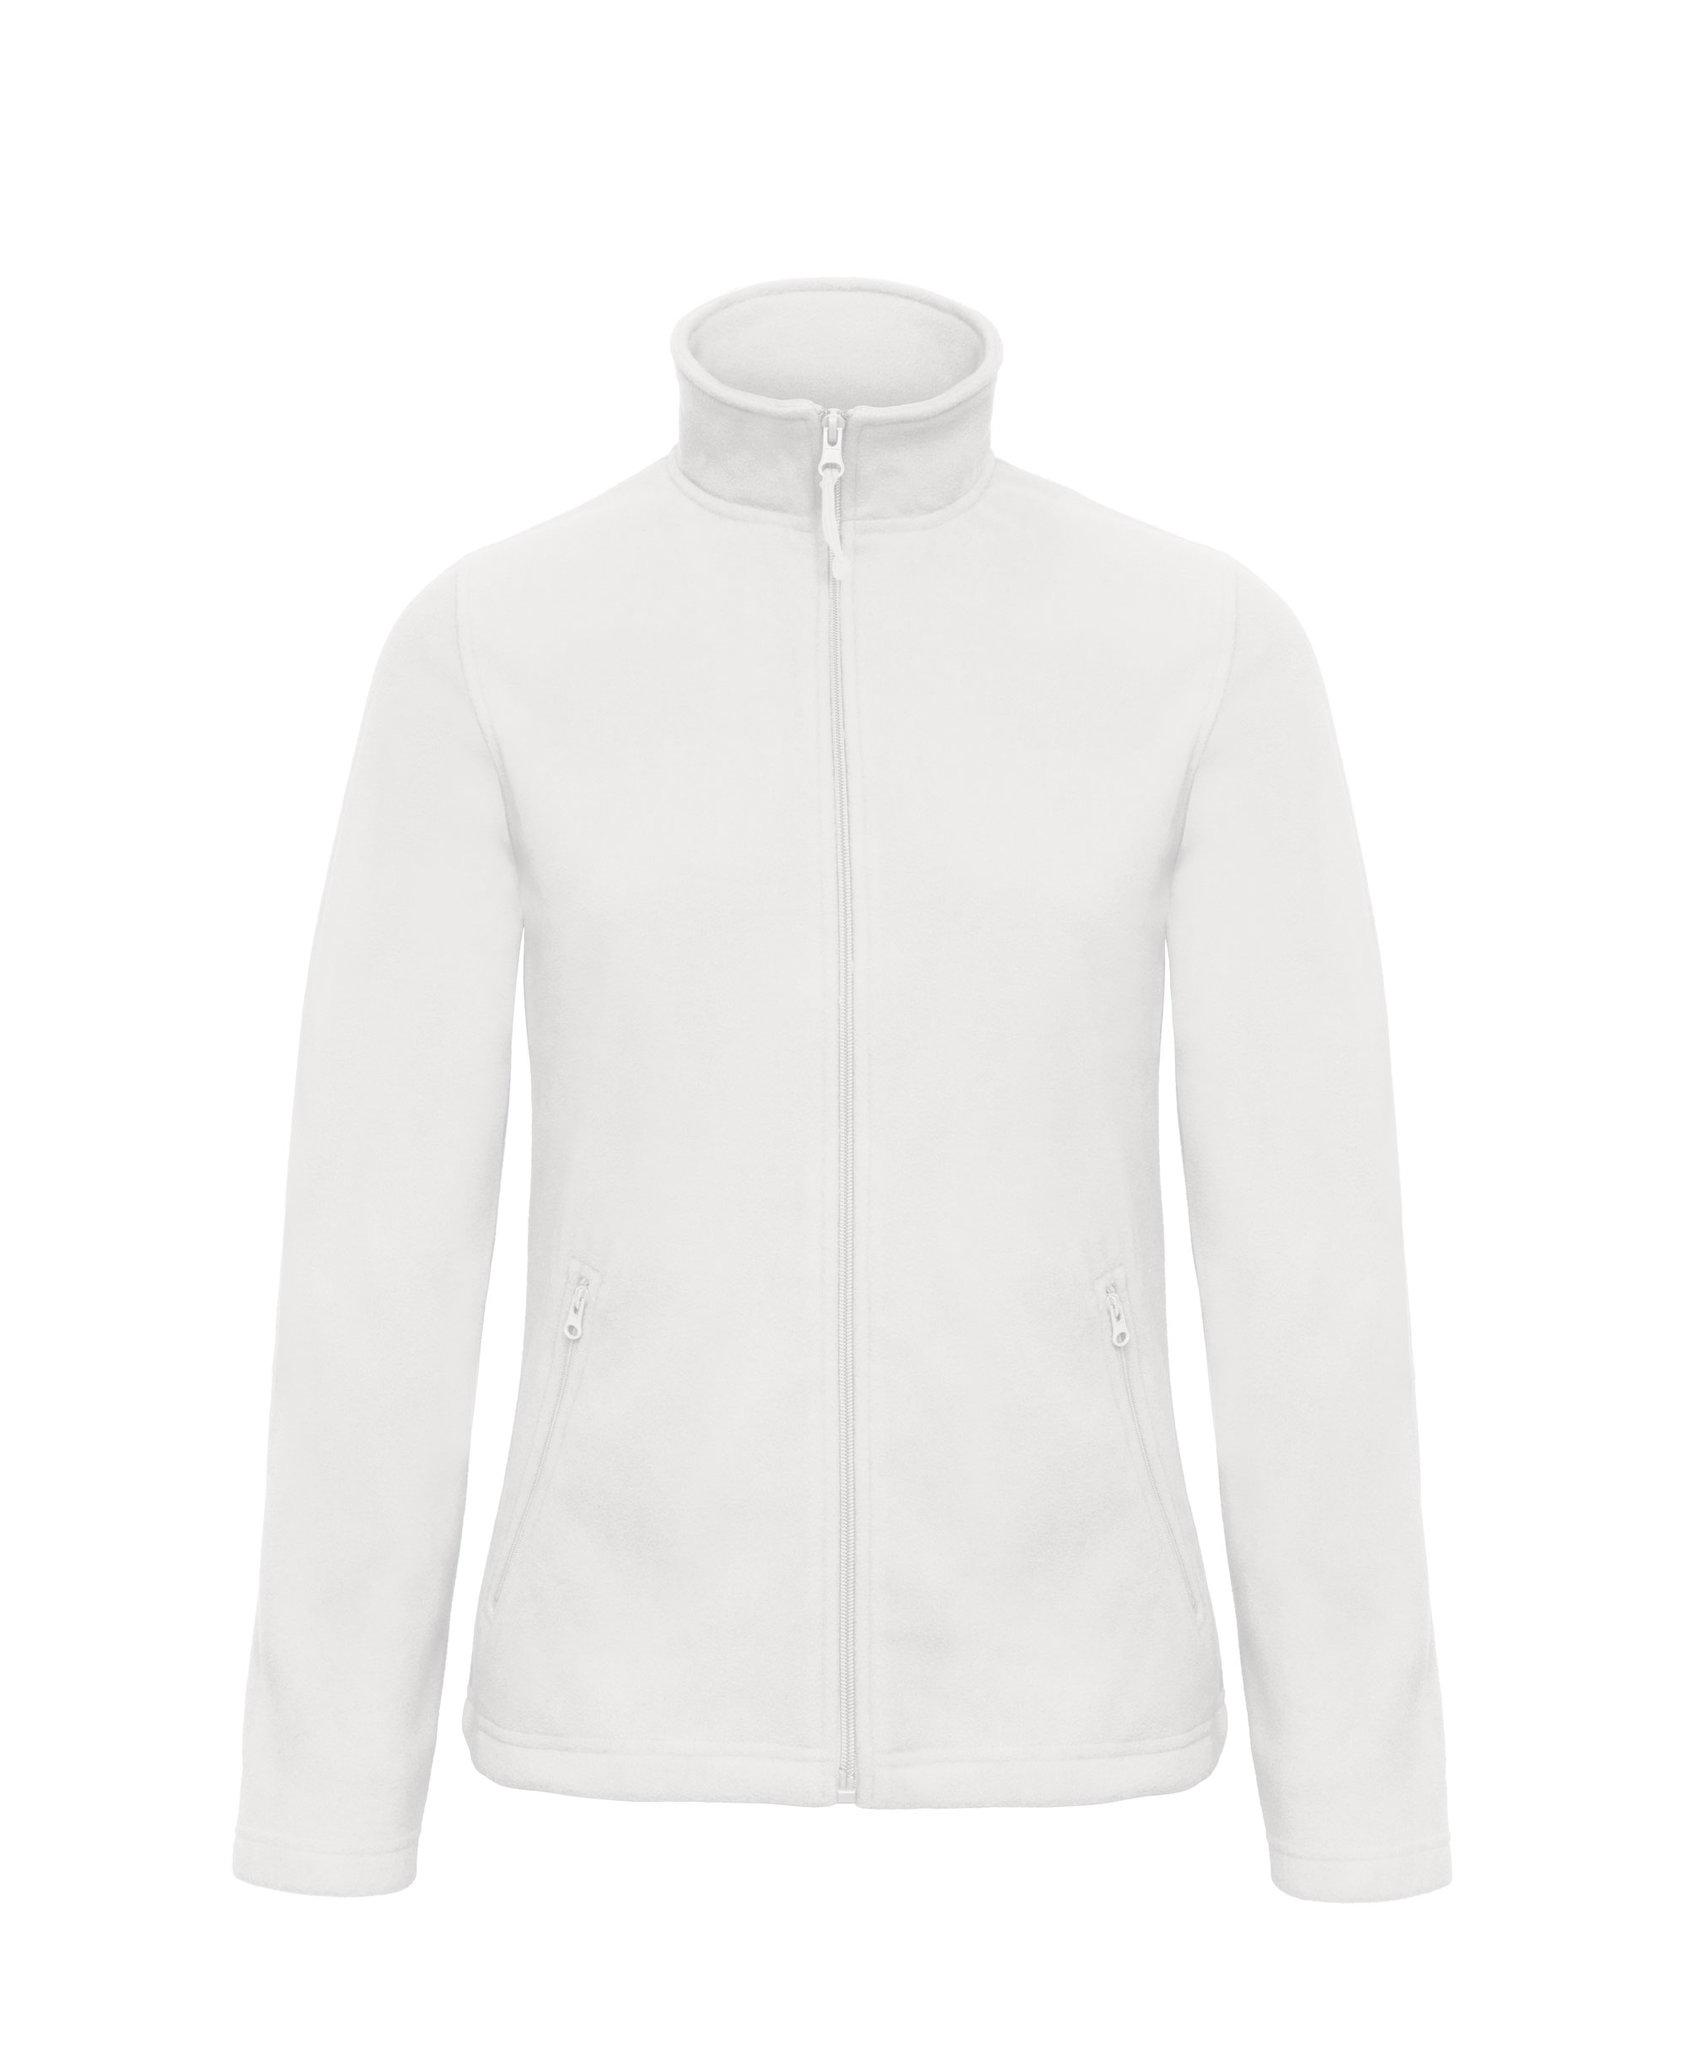 Veste polaire publicitaire Fleece - cadeau d'entreprise pour femme